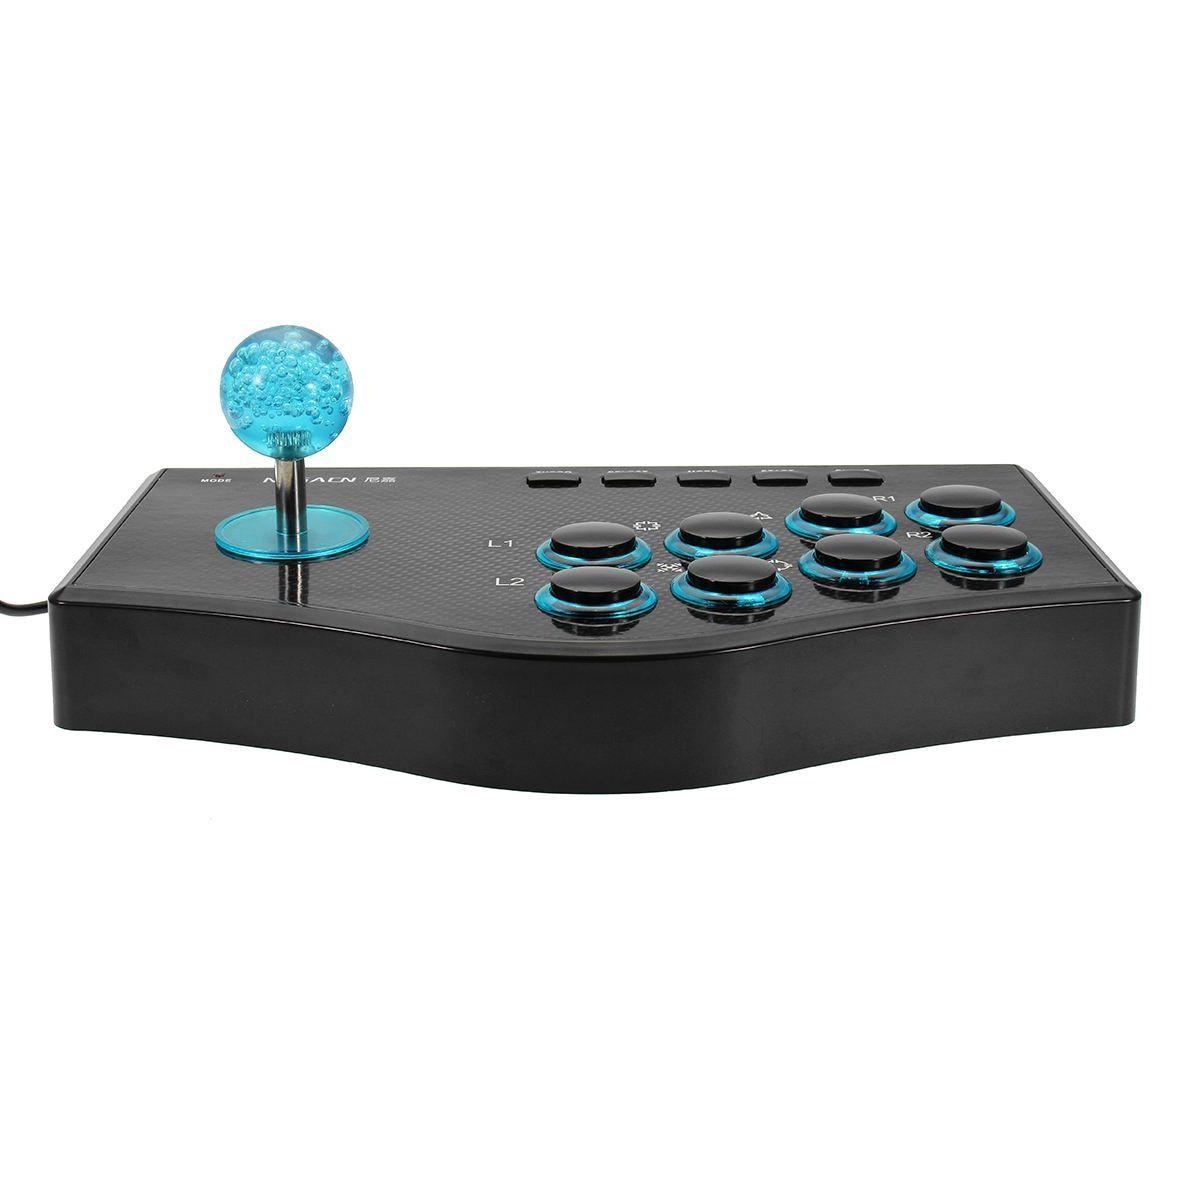 Controle Arcade Fightstick - Joystick USB NJP-308